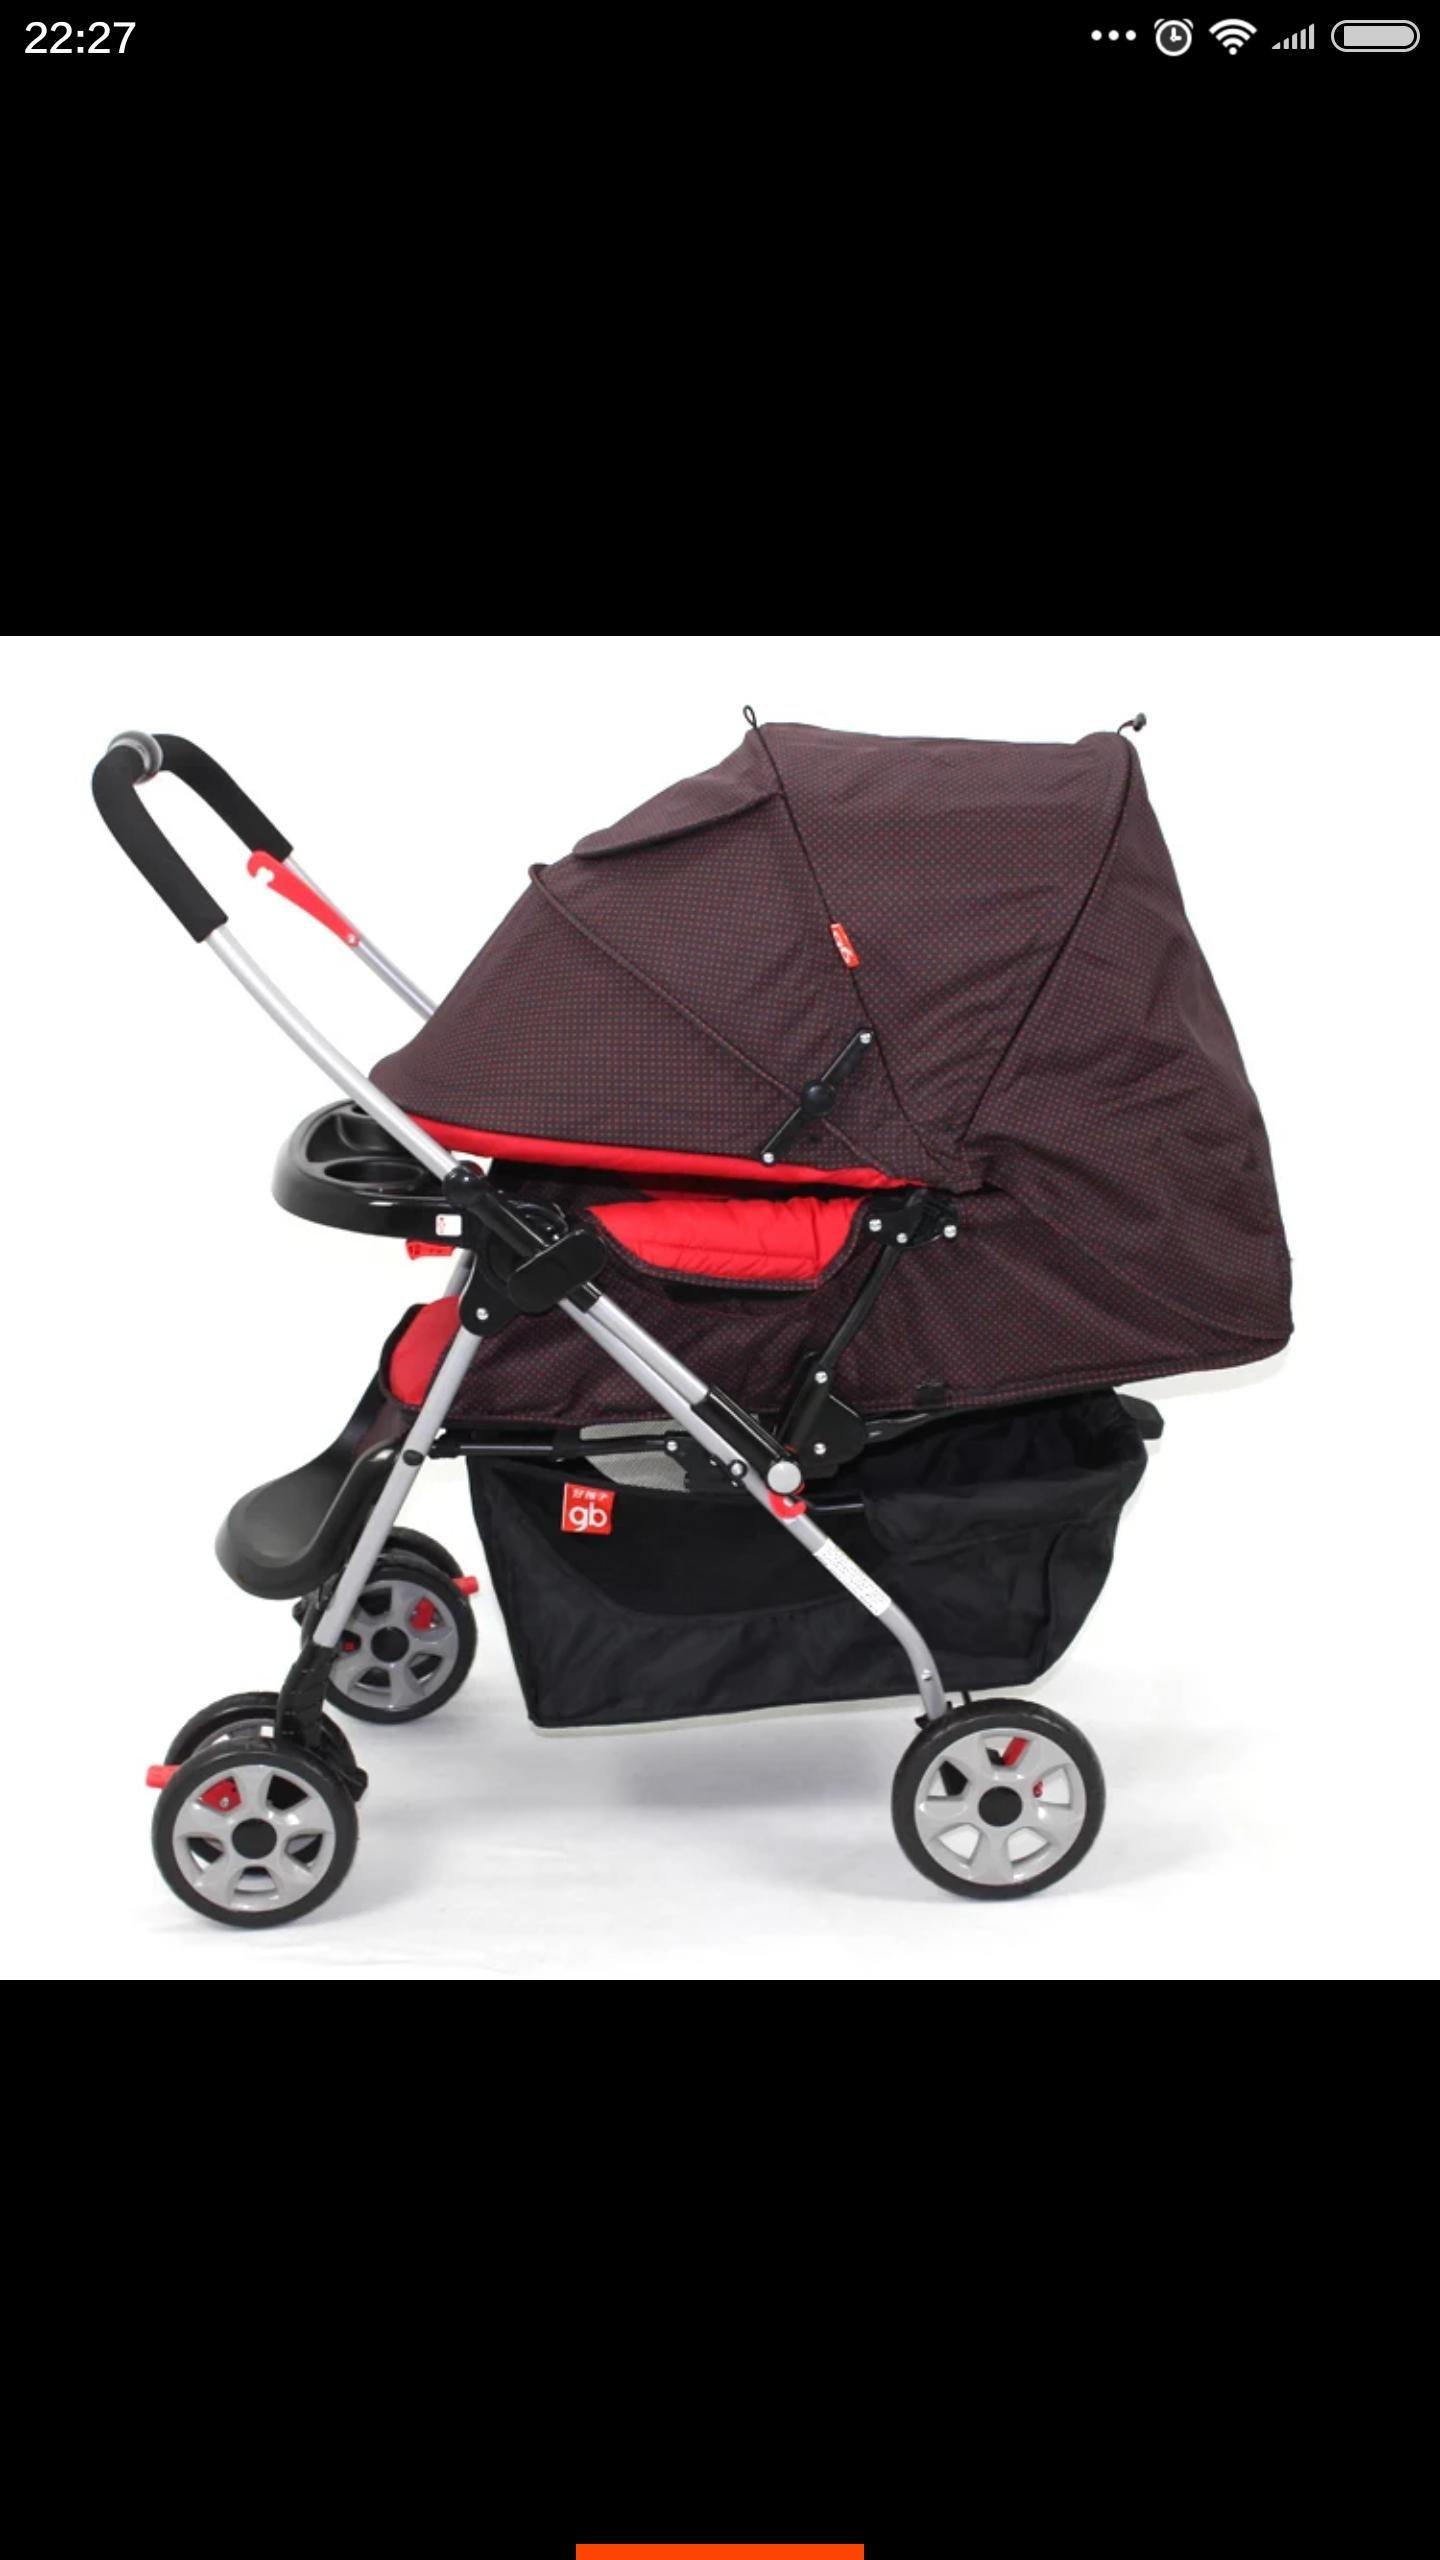 二手好孩子婴儿推车 可躺可坐轻便折叠c309-h全棚